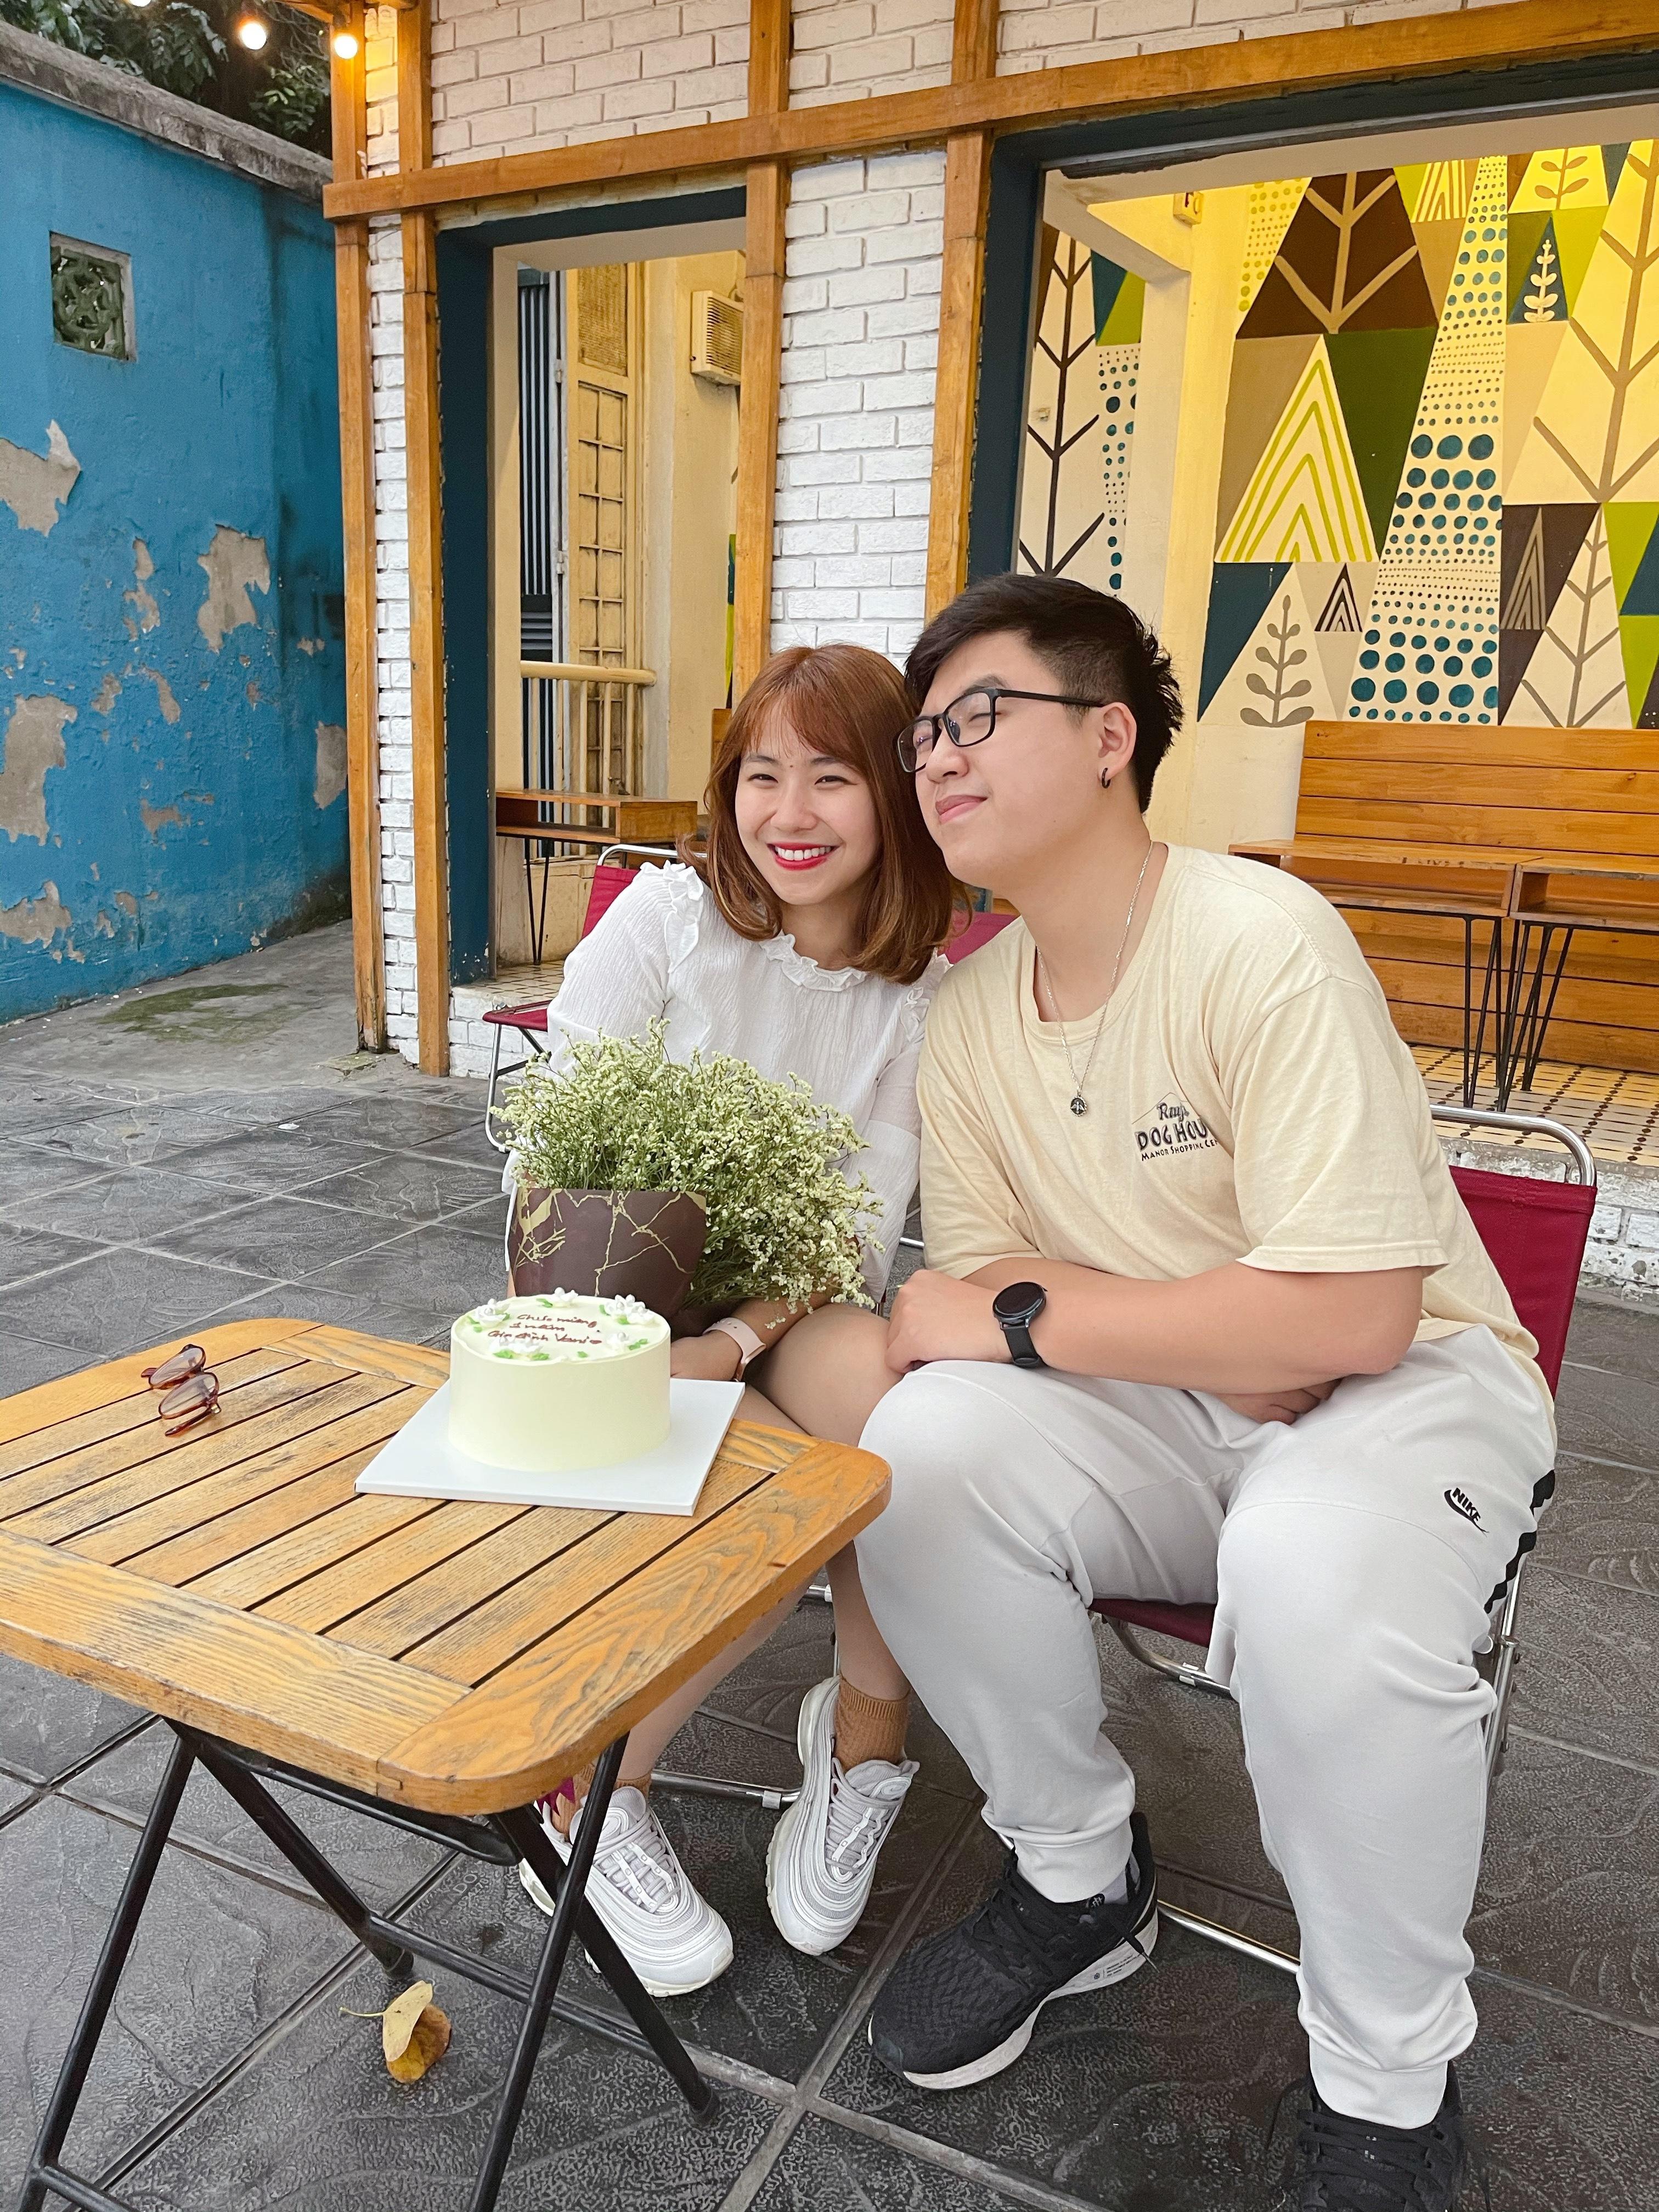 Chàng trai Hà Nội thật thà nói với bạn gái dạy văn: 'Nghe em giảng anh càng dễ ngủ'